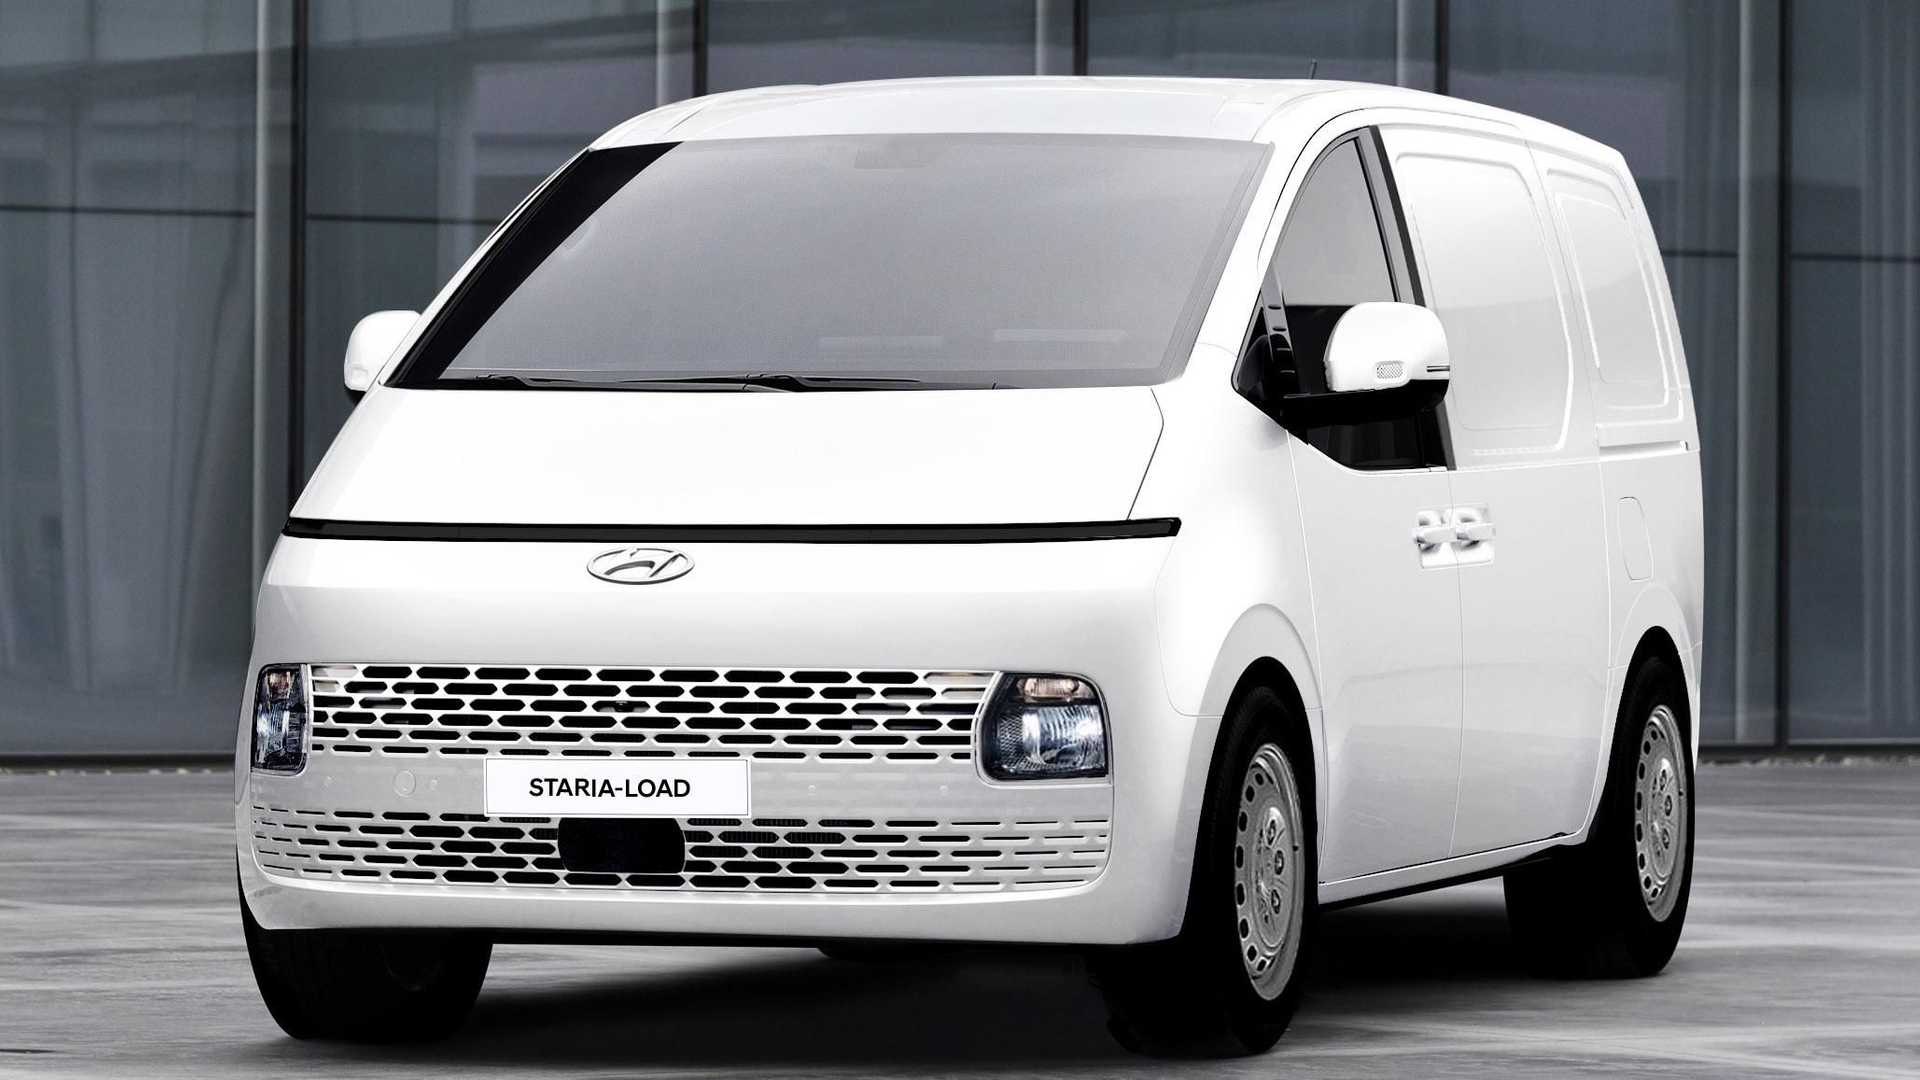 В этом марте Hyundai представила футуристический фургон Staria с 11 посадочными местами, а сегодня у него появилась более практичная версия в Австралии, и предназначена она для грузоперевозок.